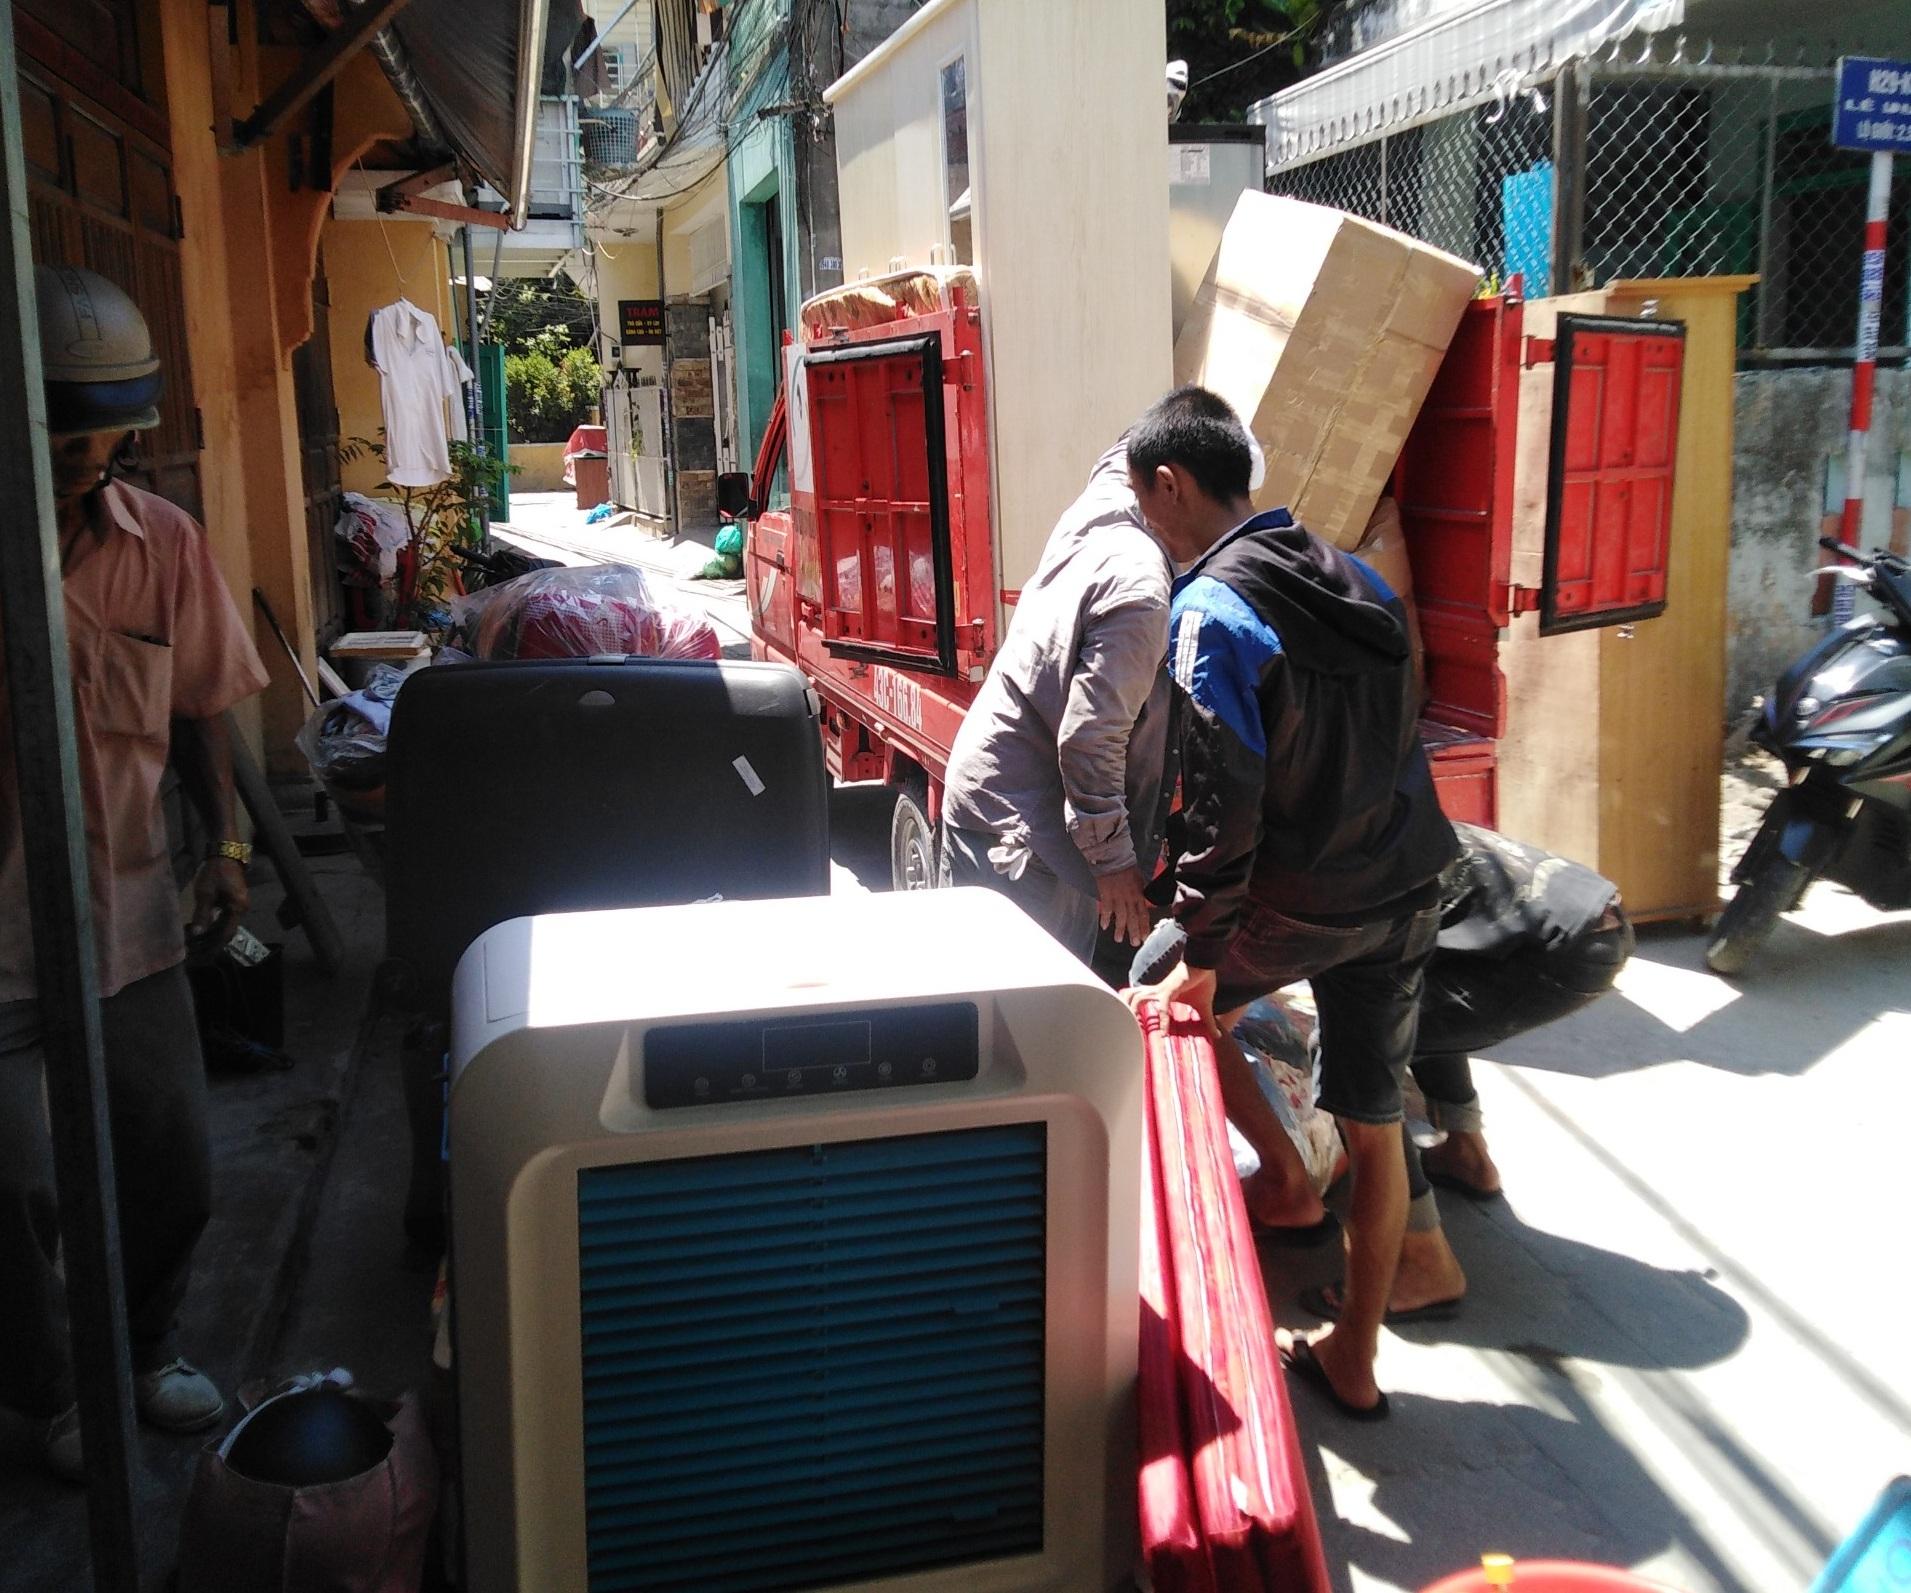 Số Điện Thoại Xe Chở Đồ Chuyển Nhà Chuyển Văn Phòng Giá Rẻ Tại Đà Nẵng 02